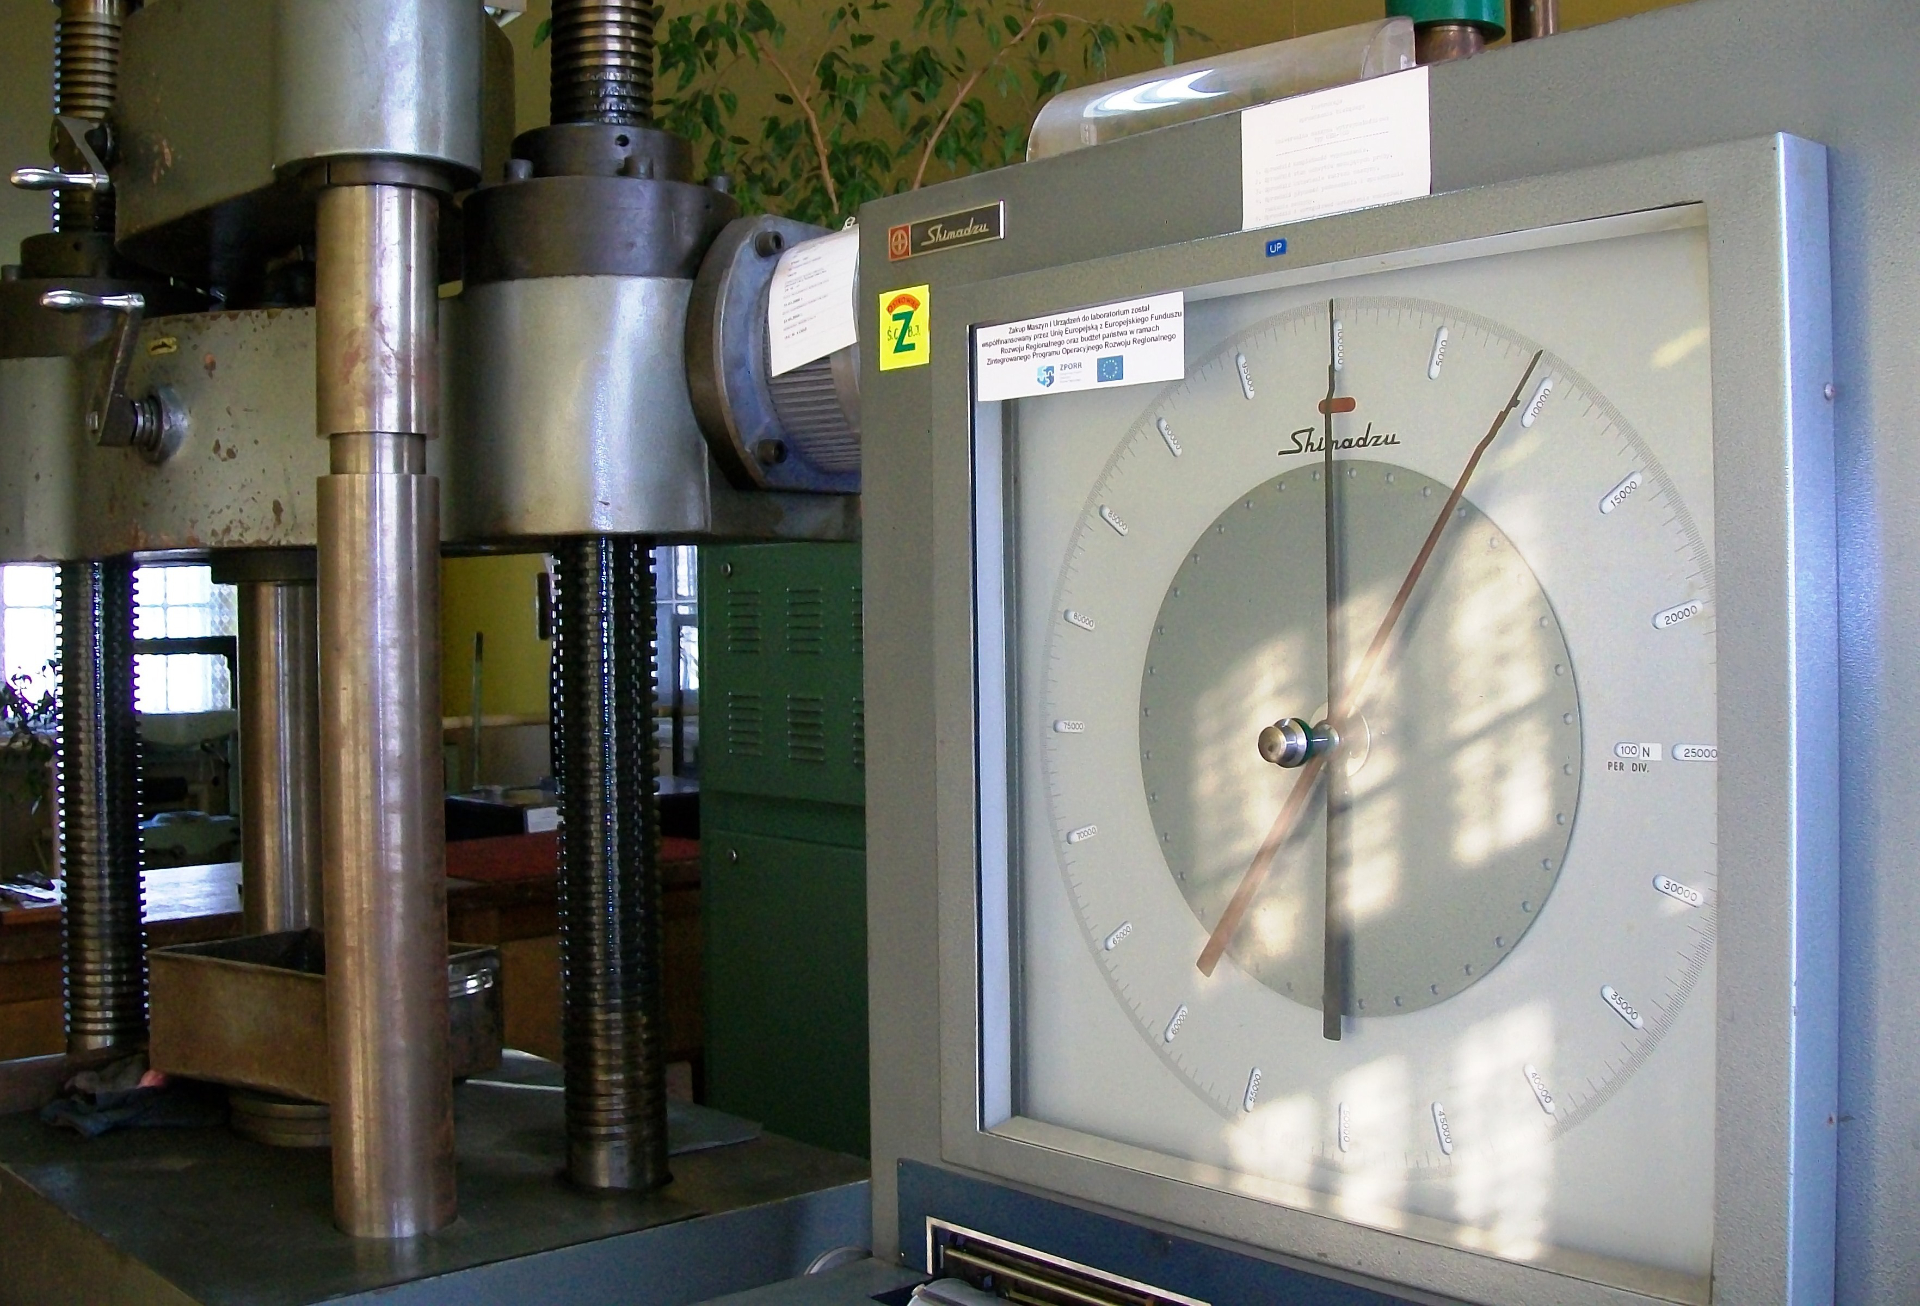 Maszyna wytrzymałościowa Shimadzu - Laboratorium Badania Metali